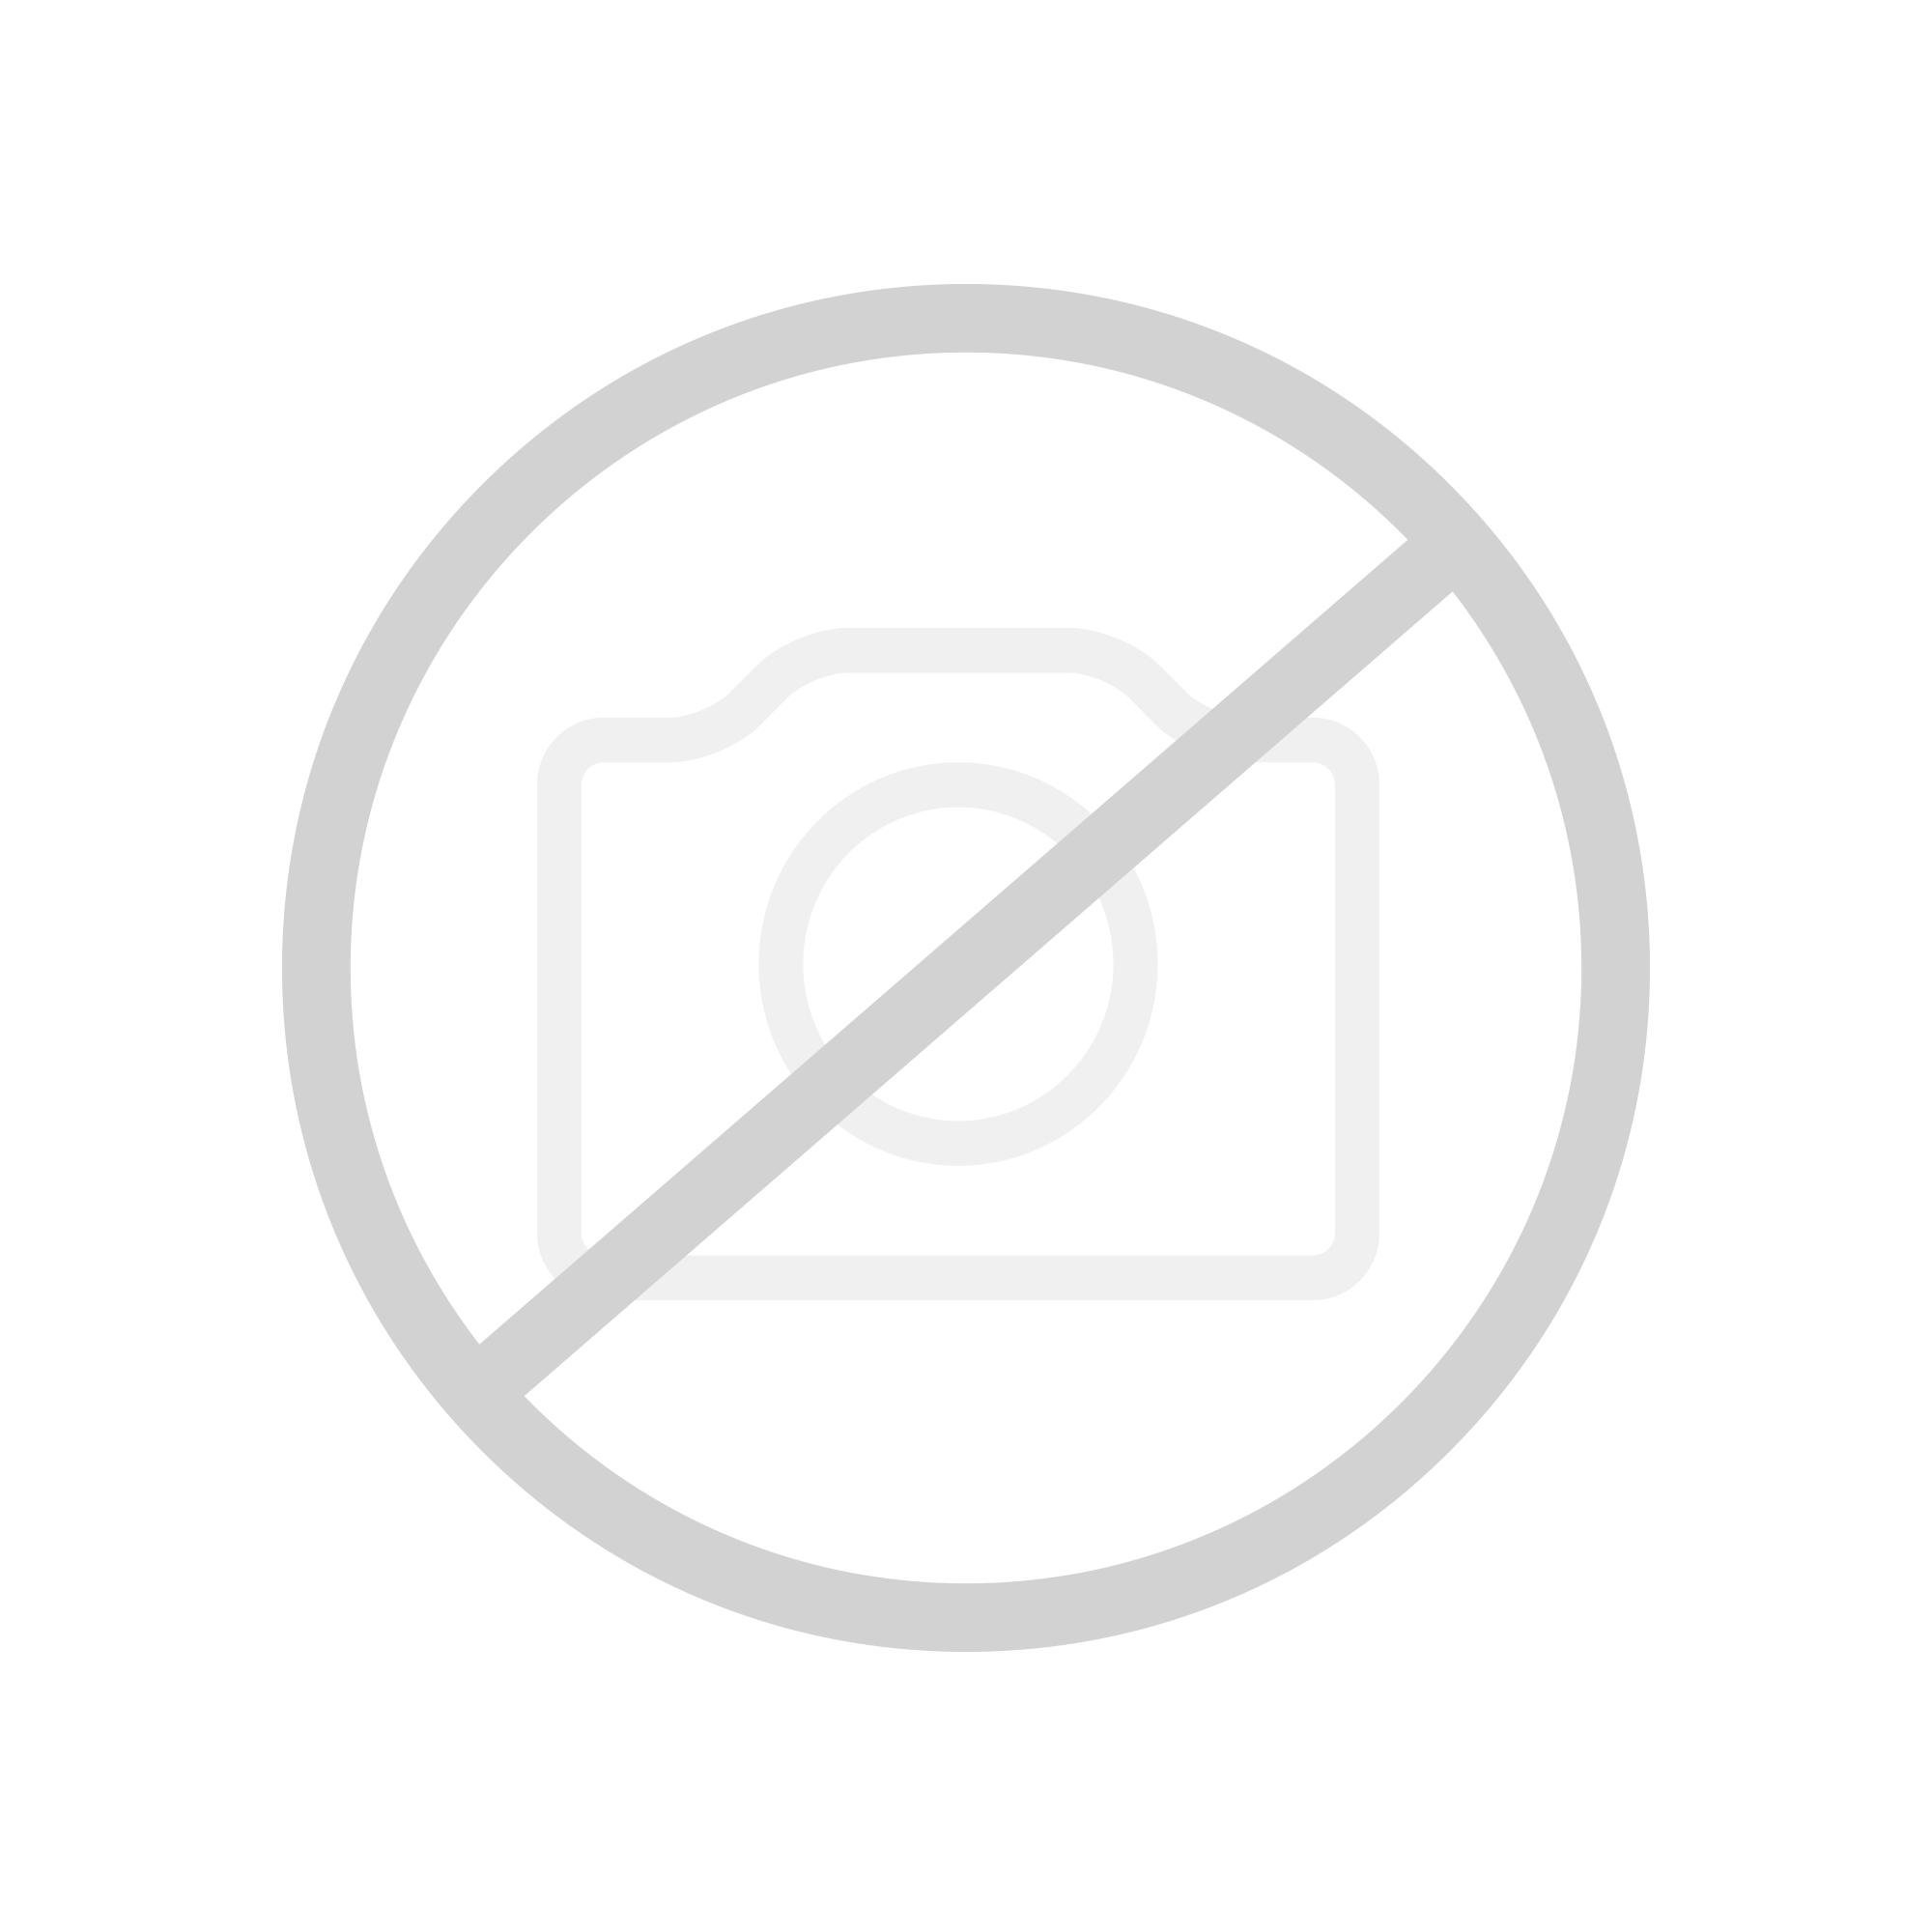 Victoria + Albert Spezial Ab- + Überlauf für Premium Wannen ohne vorgebohrtes Überlaufloch chrom poliert